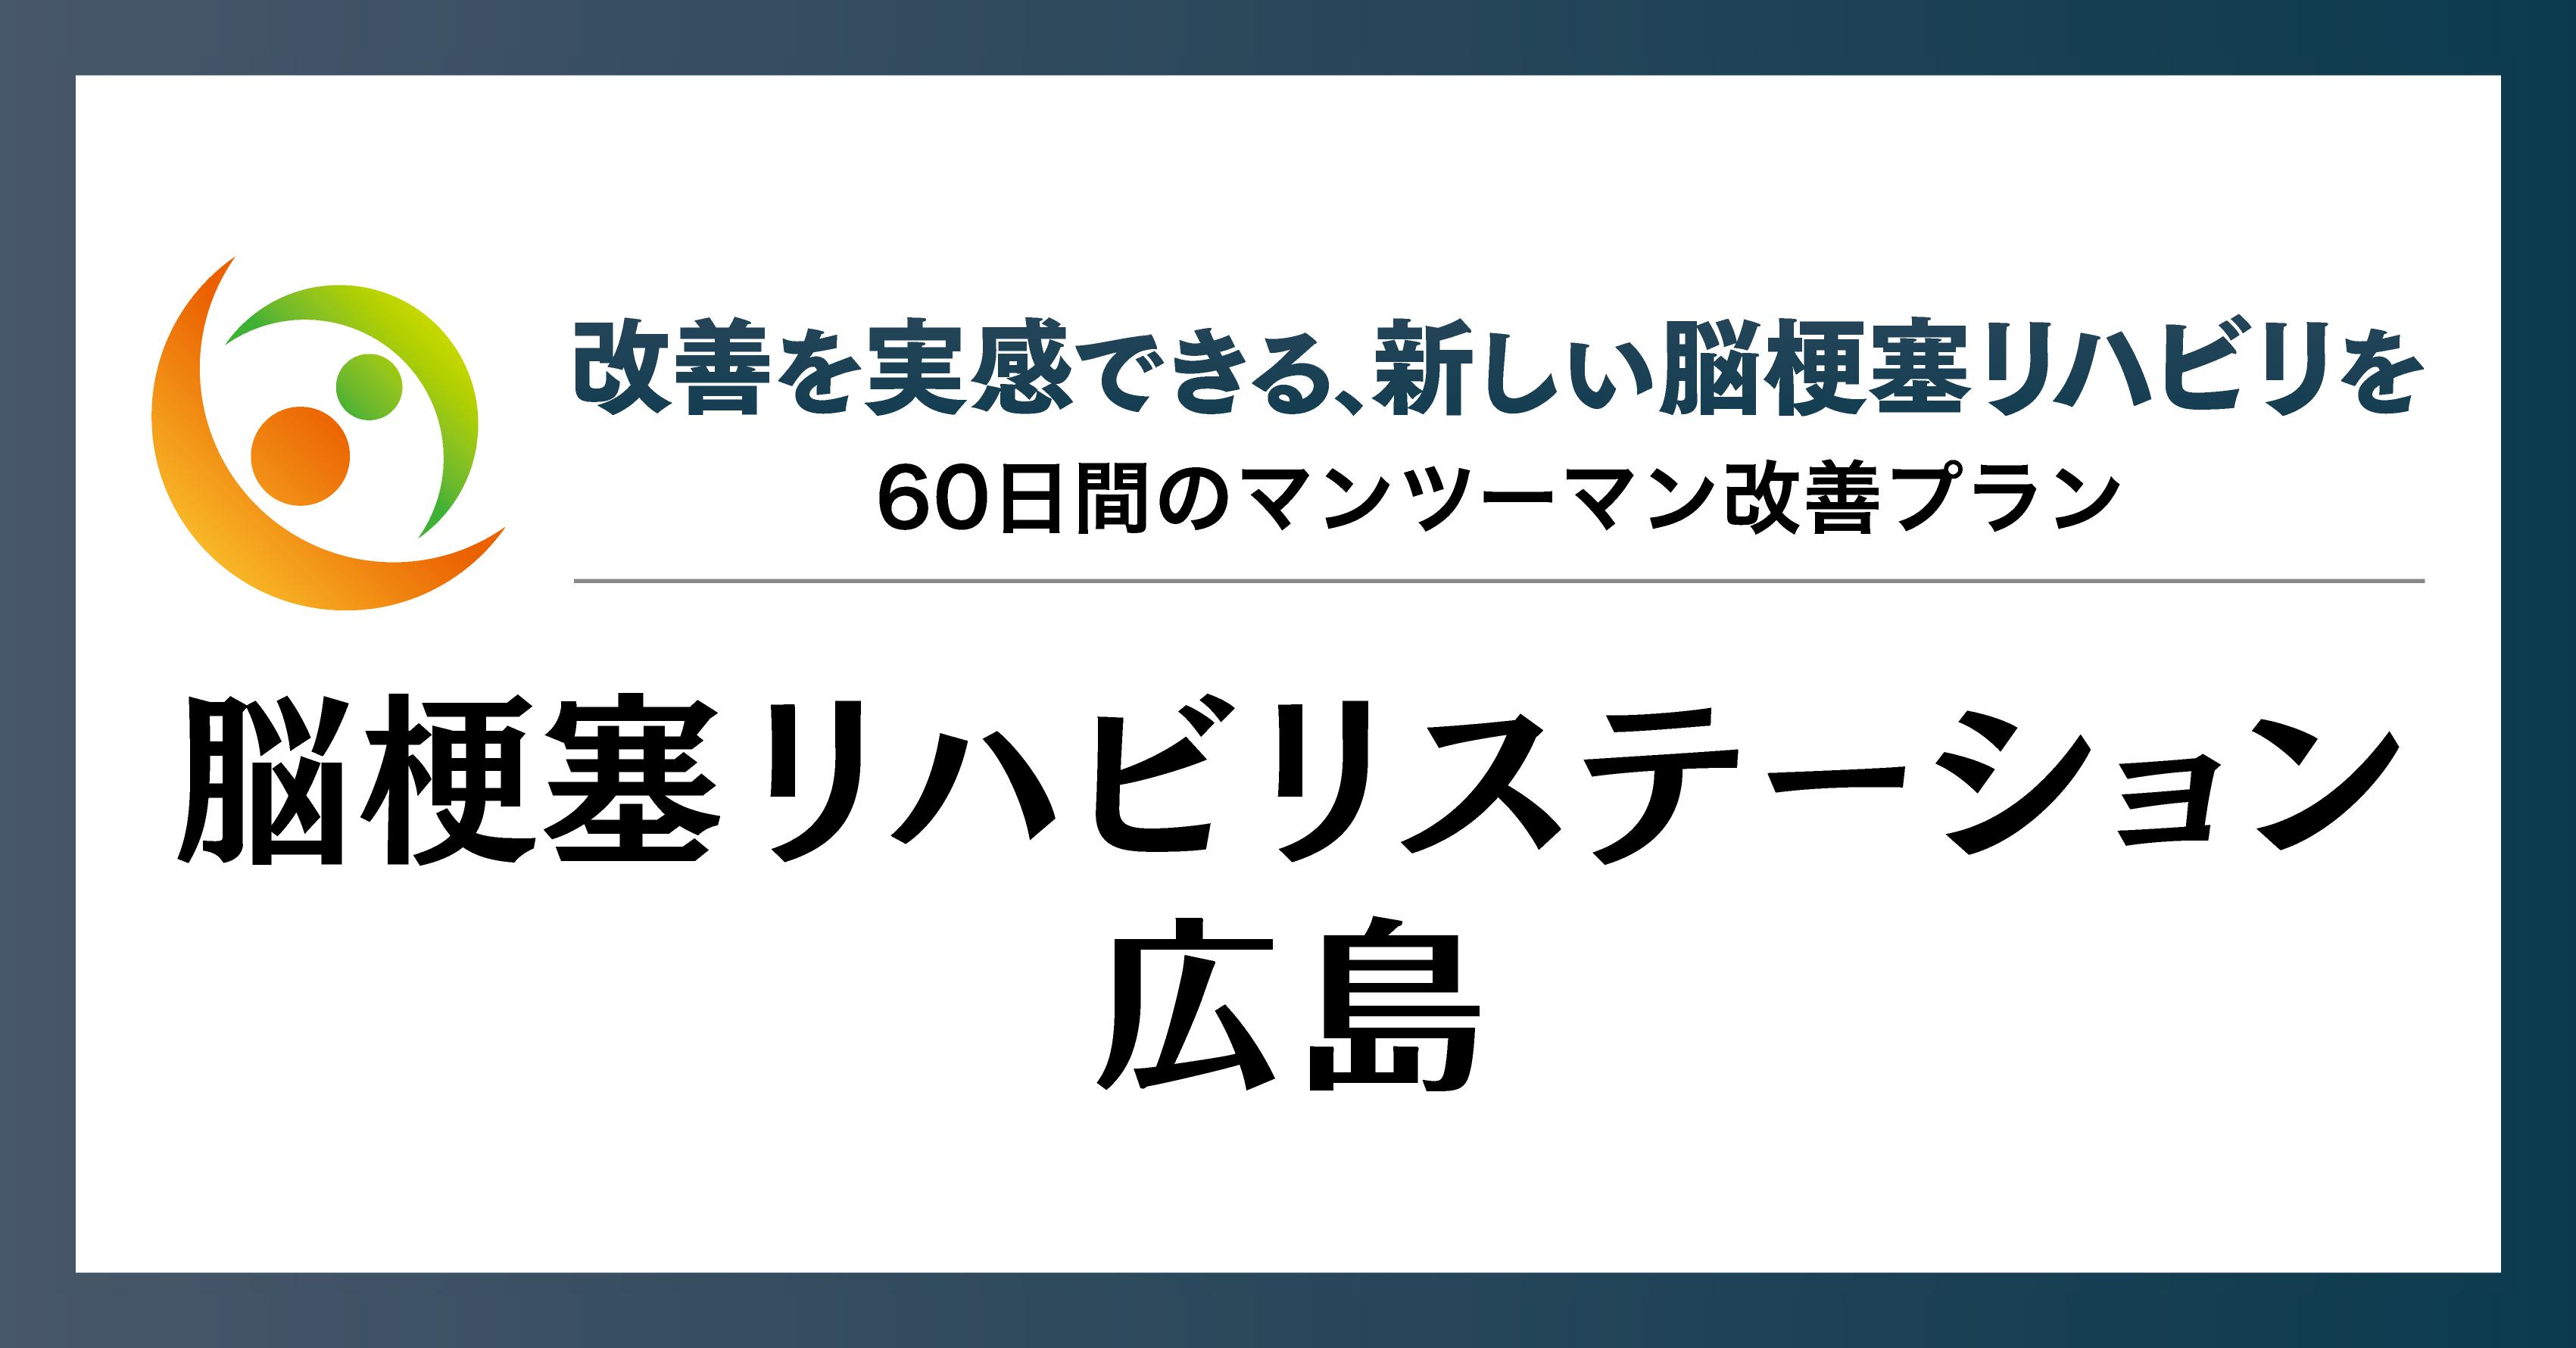 ロゴバナー 広島2